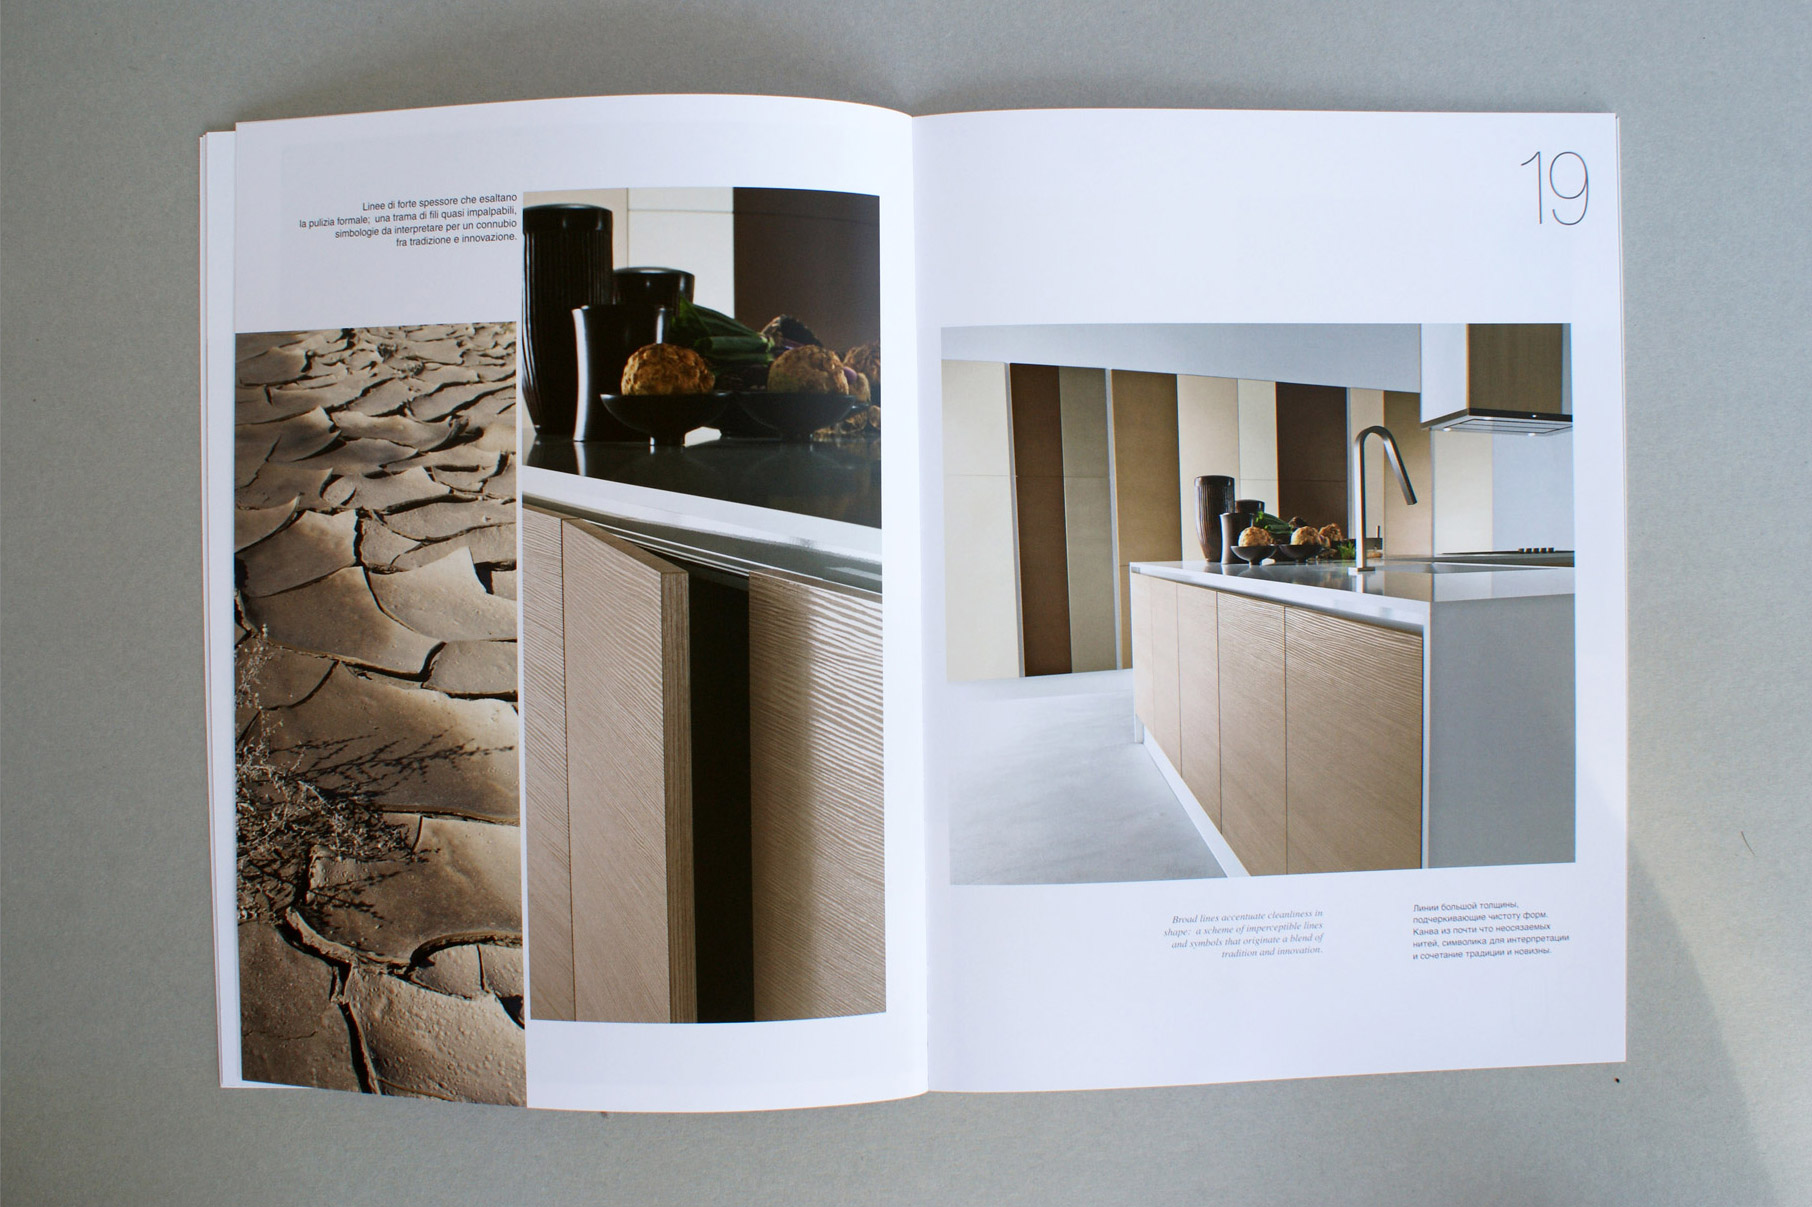 Grafica Archivi - Pagina 3 di 3 - TrentadueA